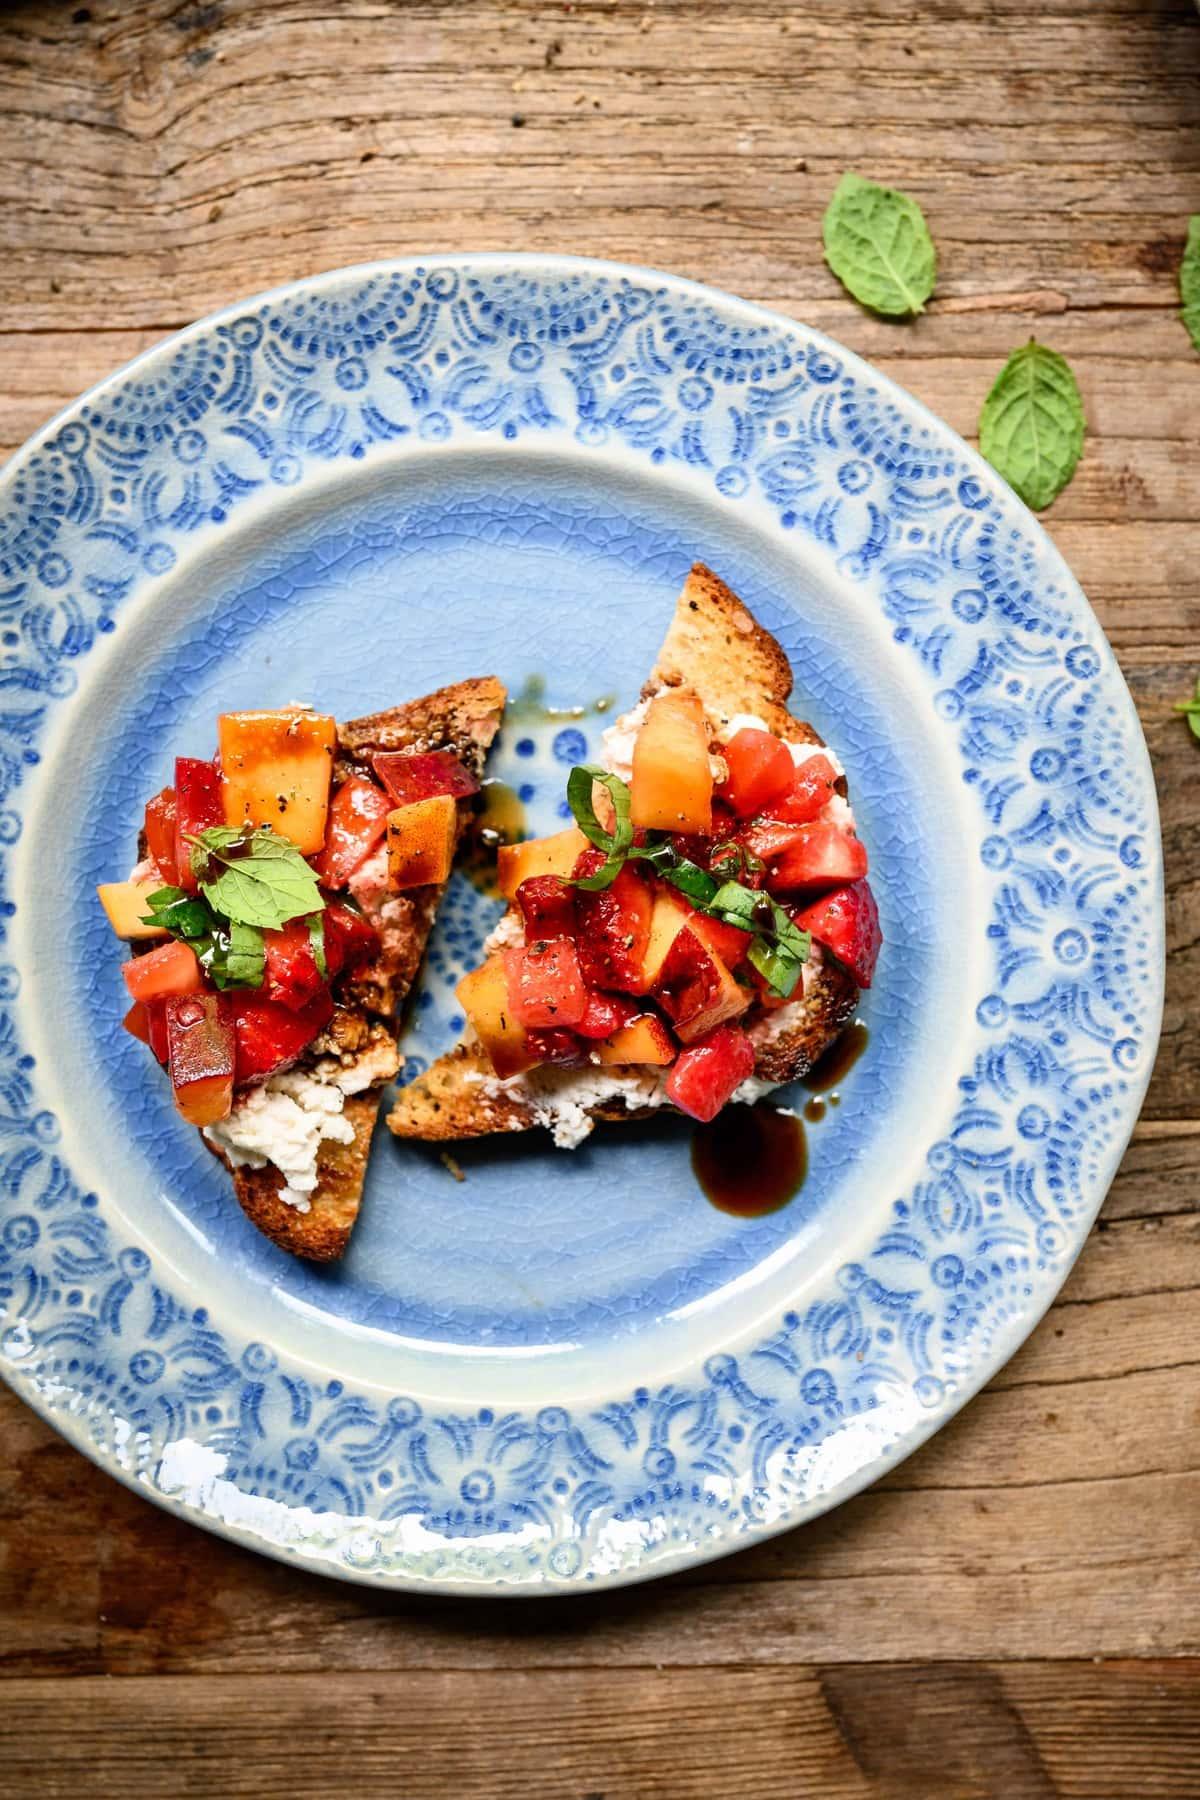 Summer bruschetta on a blue plate